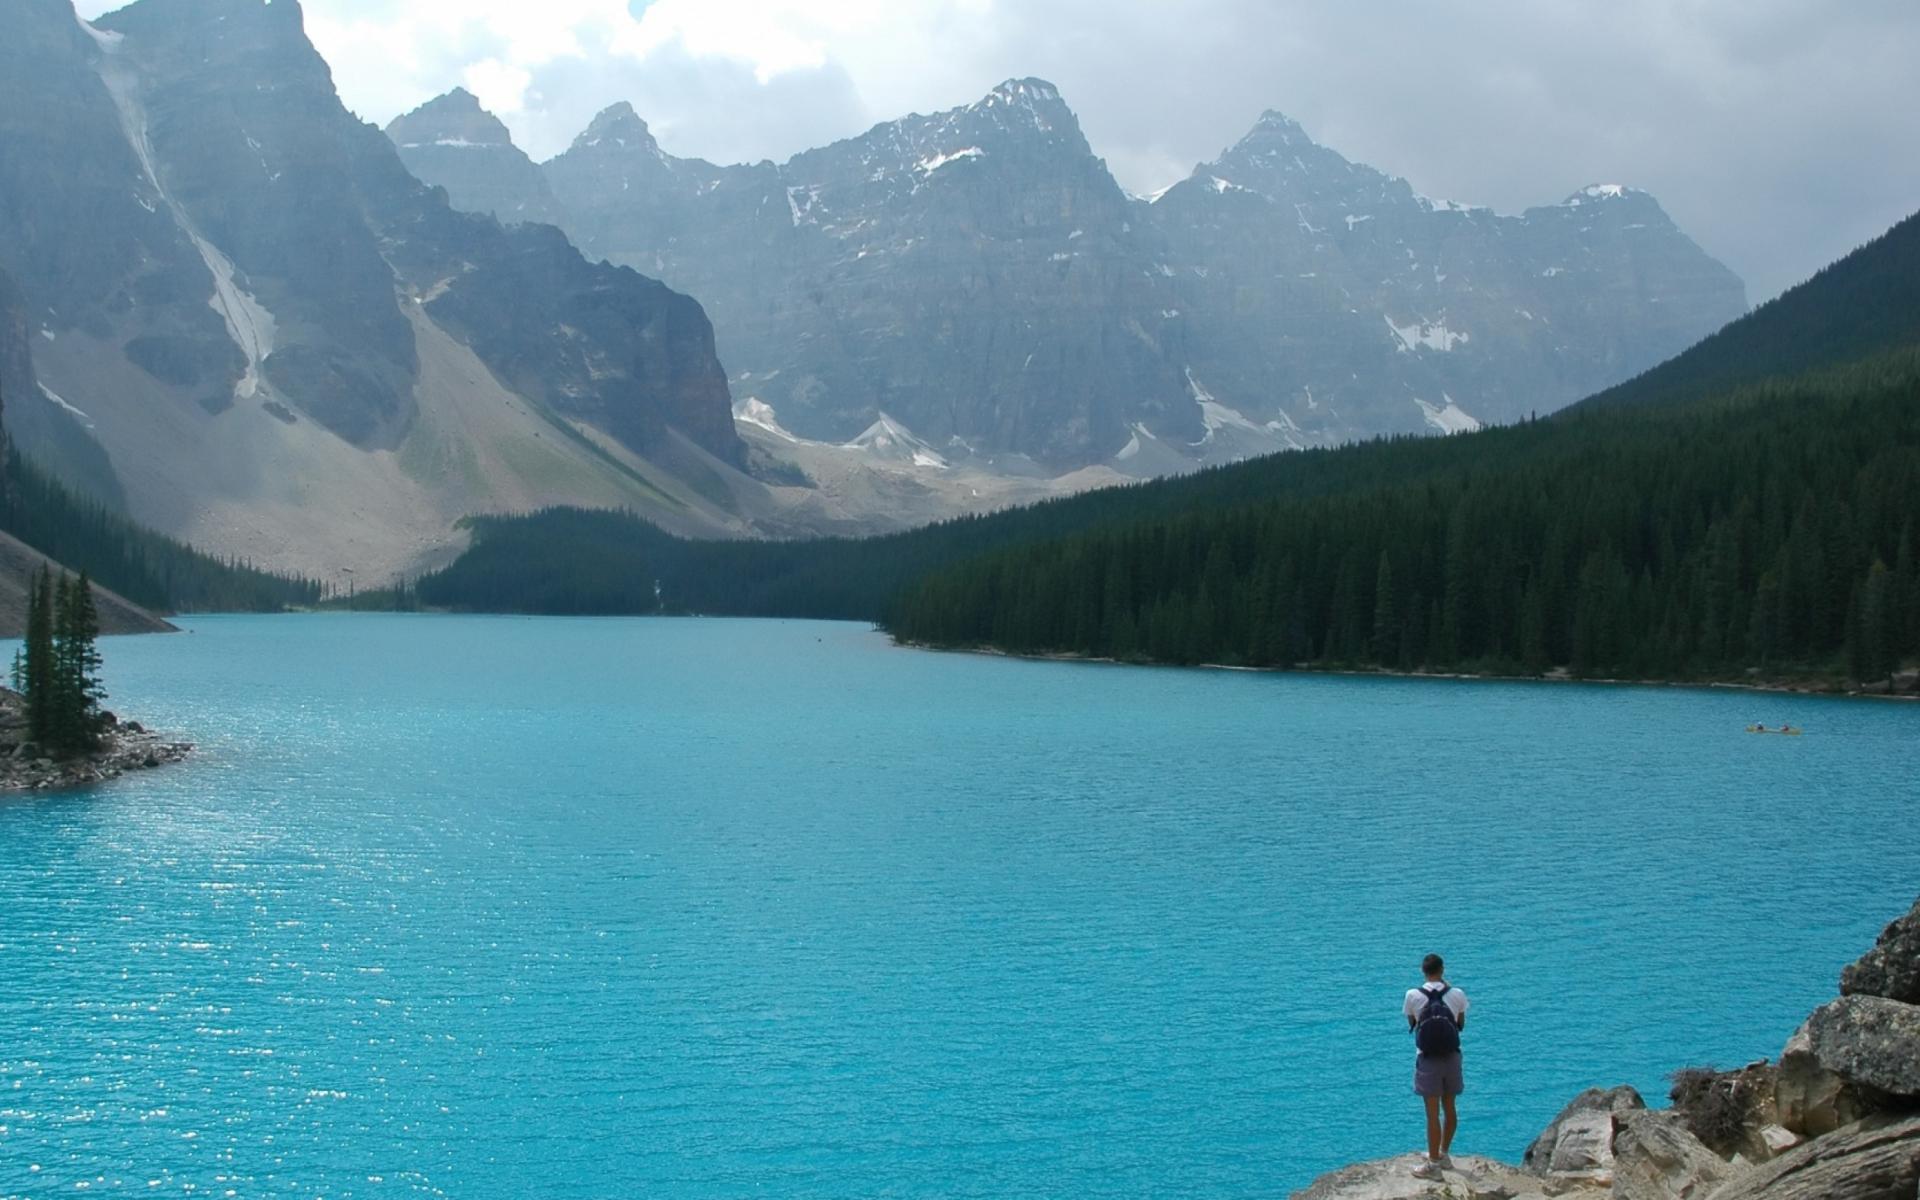 озеро горное озеро горы без смс